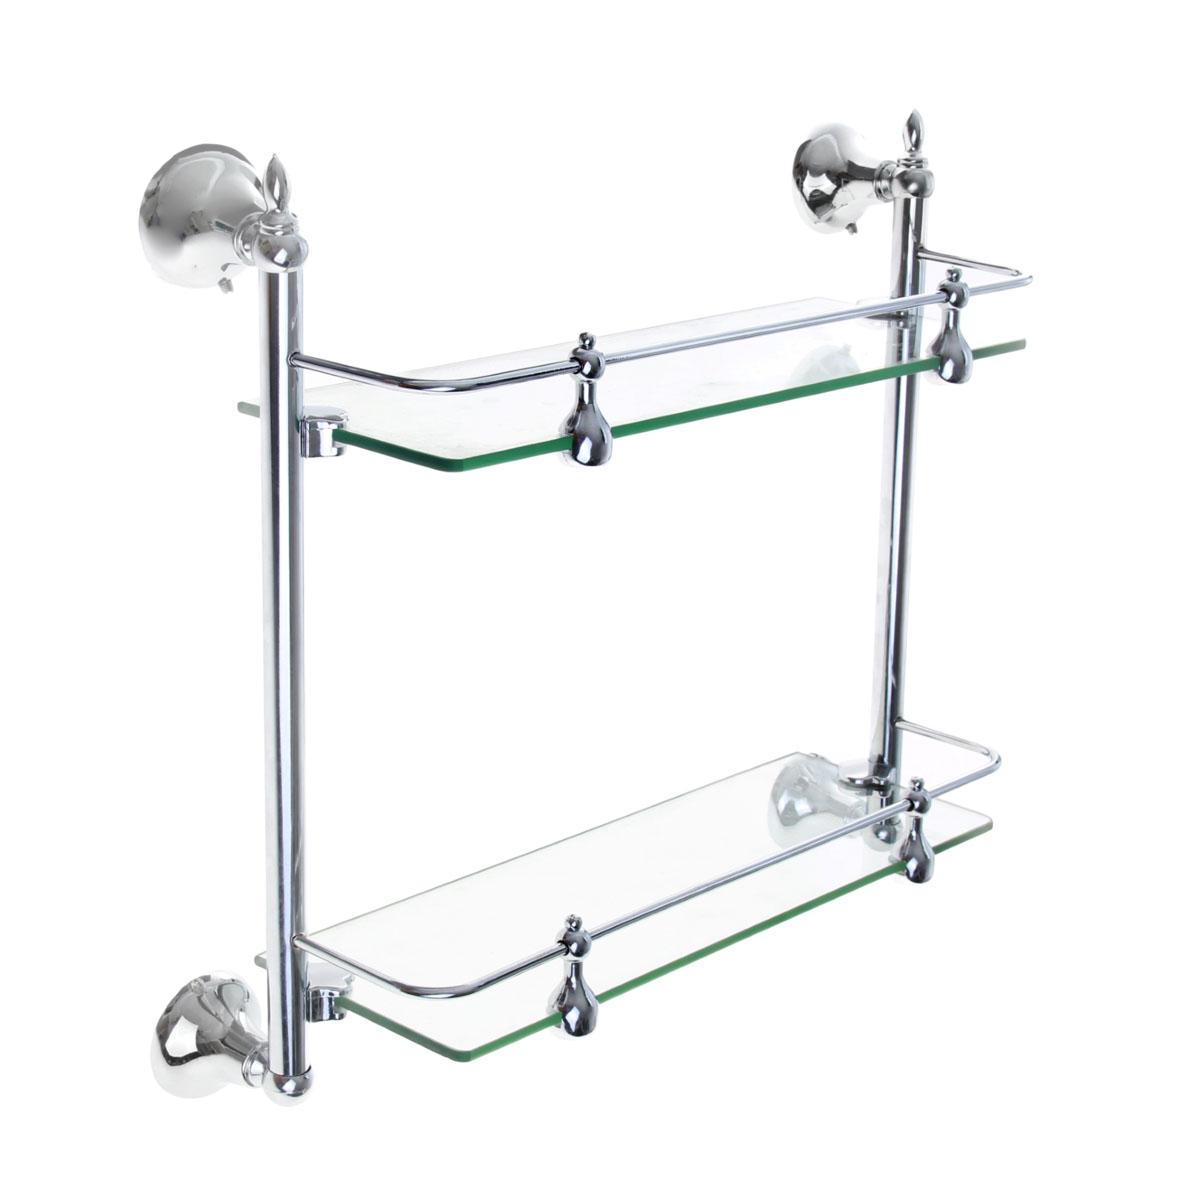 Полка для ванной комнаты Доляна, 2-х ярусная, 35 см х 12 см х 36 см855968Полка Доляна выполнена из стекла и высококачественного металла и предназначена для хранения вещей в ванной комнате. Полка состоит из 2-х ярусов прямоугольной формы. Она пригодится для хранения различных предметов, которые всегда будут под рукой.Благодаря компактным размерам полка впишется в интерьер вашего дома и позволит вам удобно и практично хранить предметы домашнего обихода.Удобная и практичная металлическая полочка станет незаменимым аксессуаром в вашем хозяйстве.Крепления входят в комплект. Размер полки (ДхШхВ): 35 см х 12 см х 36 см.